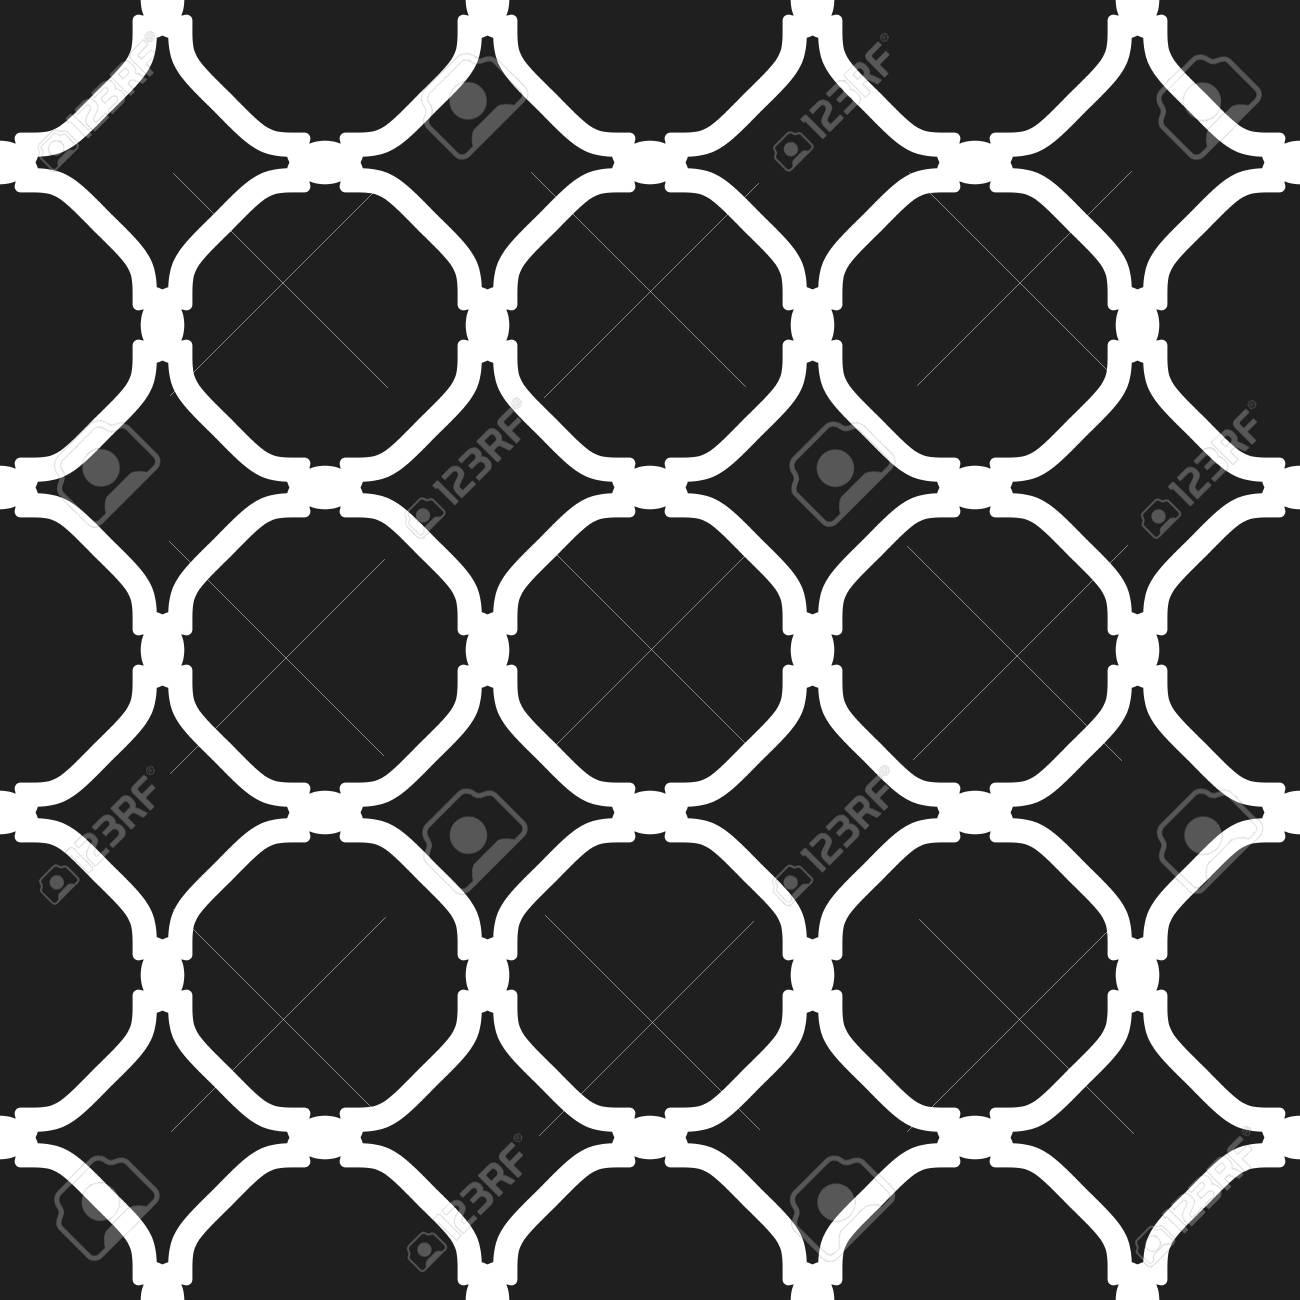 東洋の要素を持つ細かい幾何学模様 壁紙や背景のシームレスなグリル